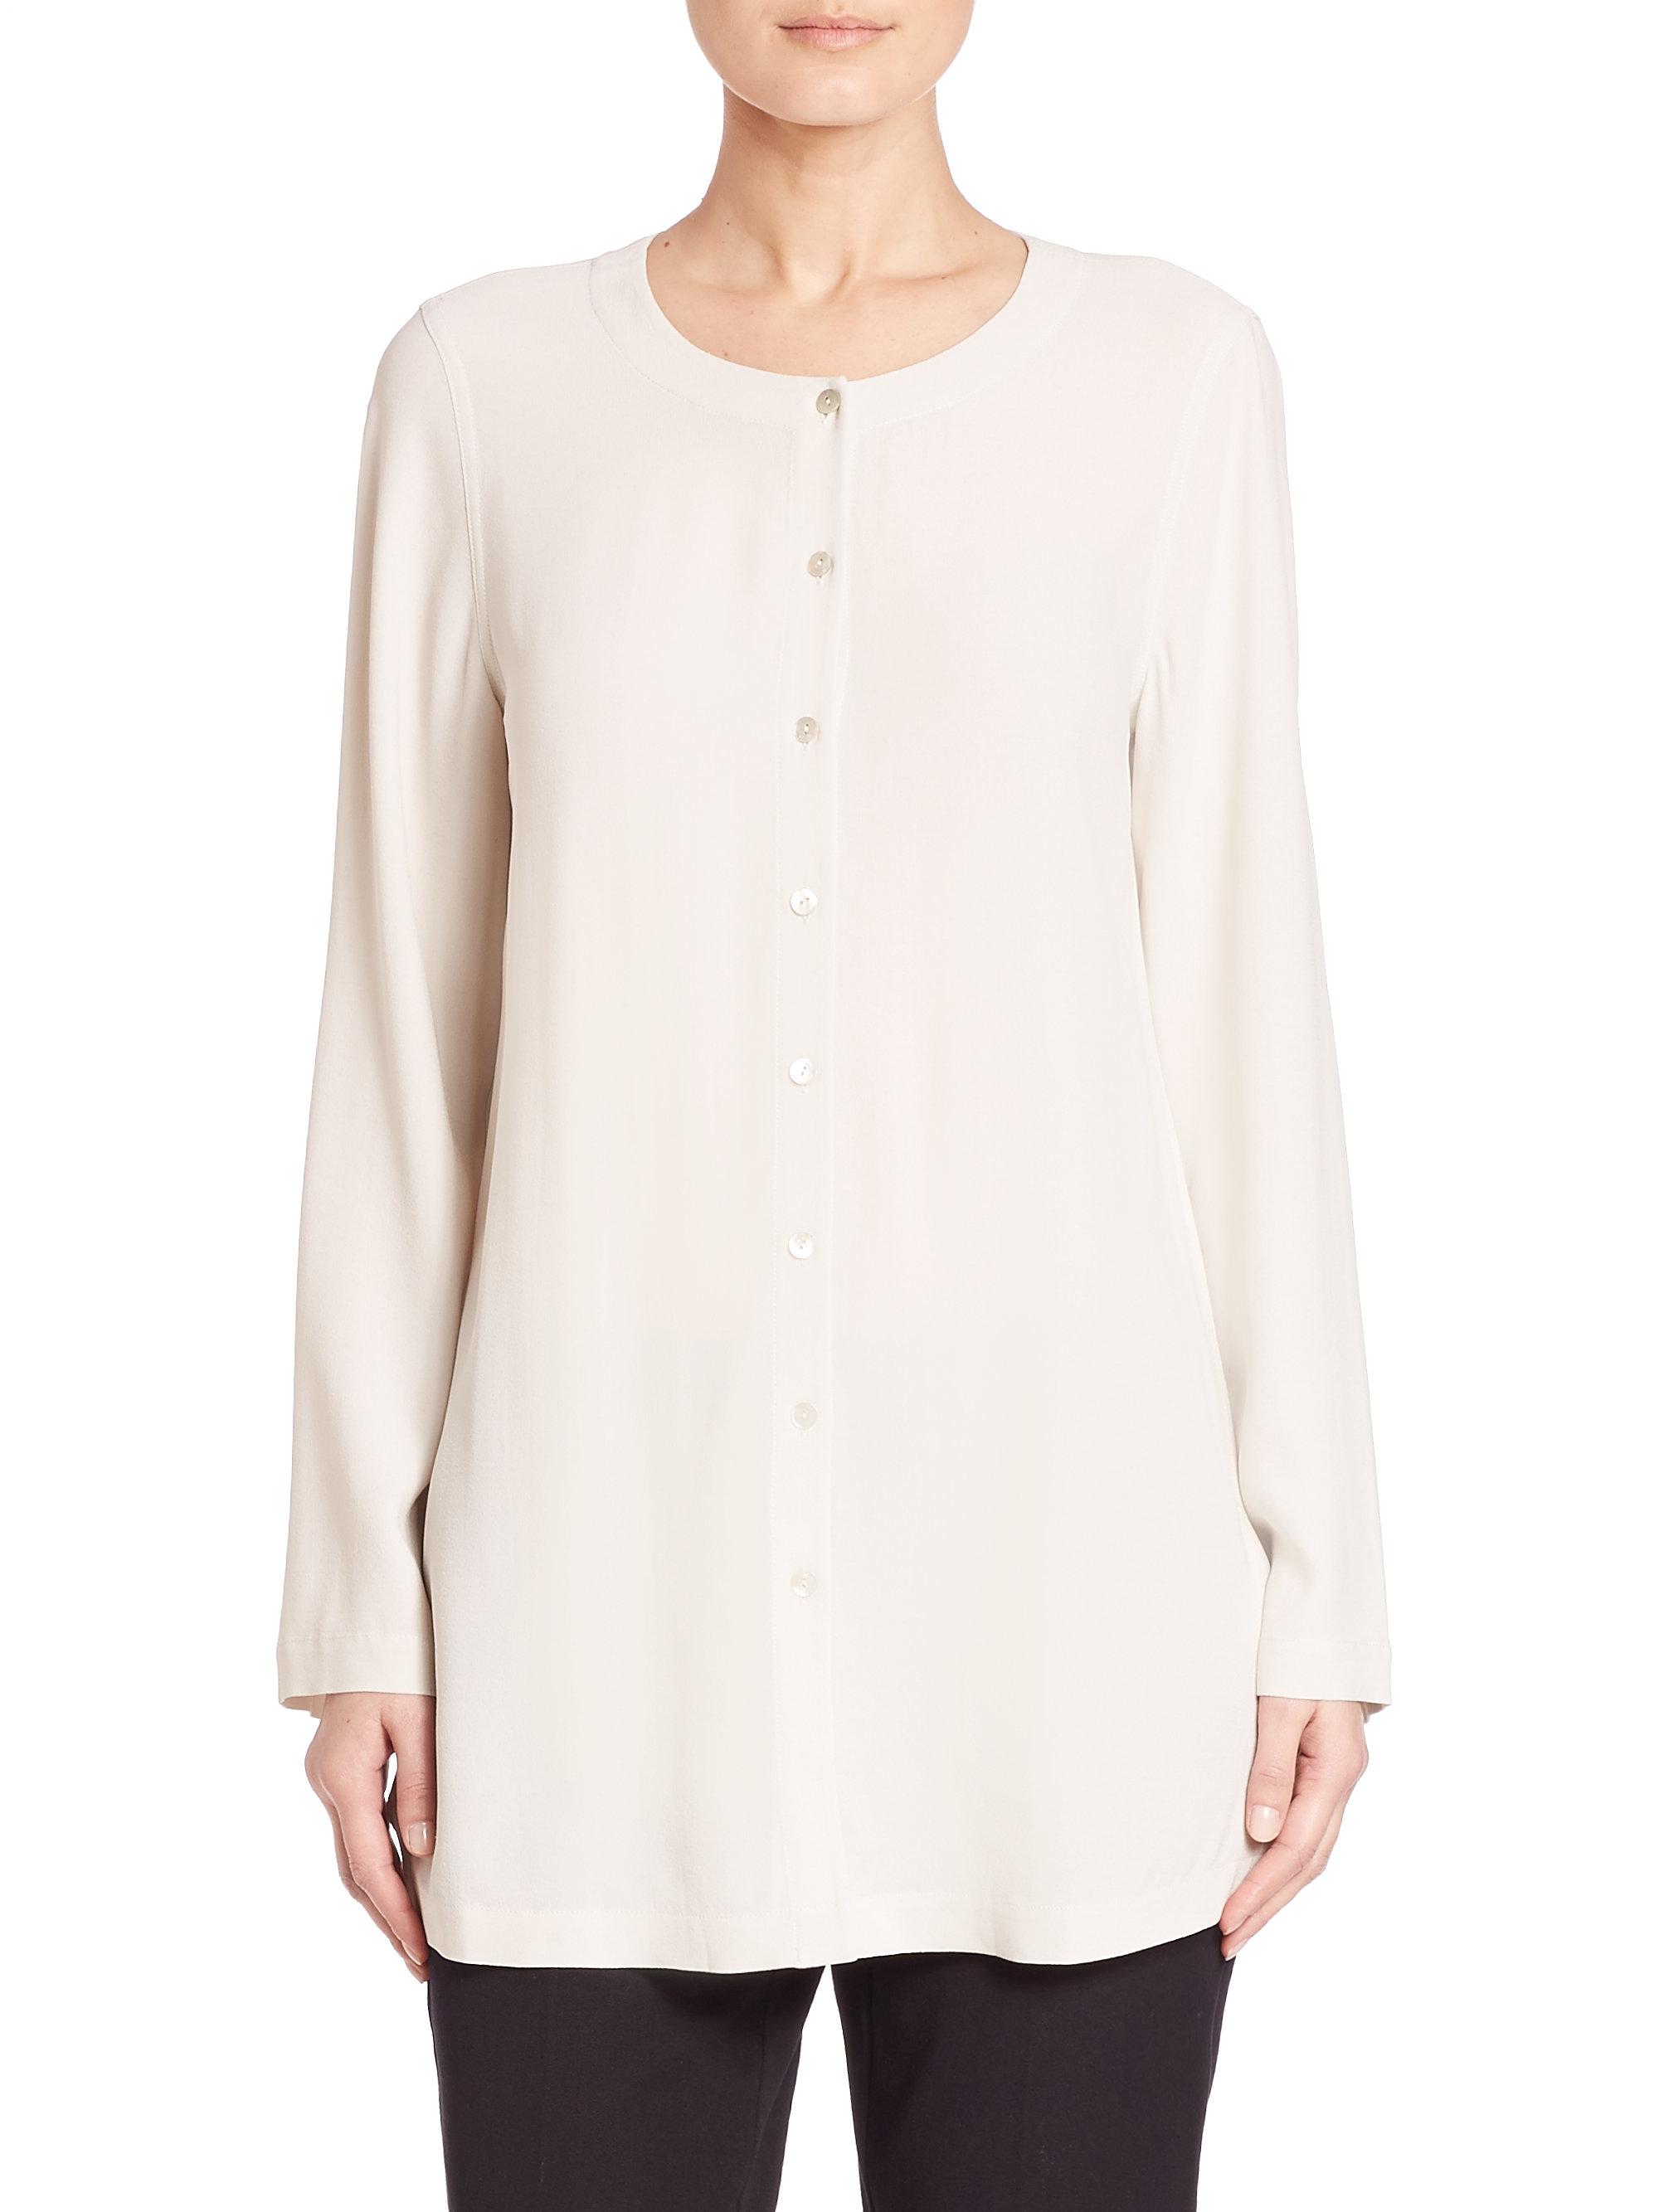 Eileen fisher silk button down shirt in white lyst for Silk button down shirt